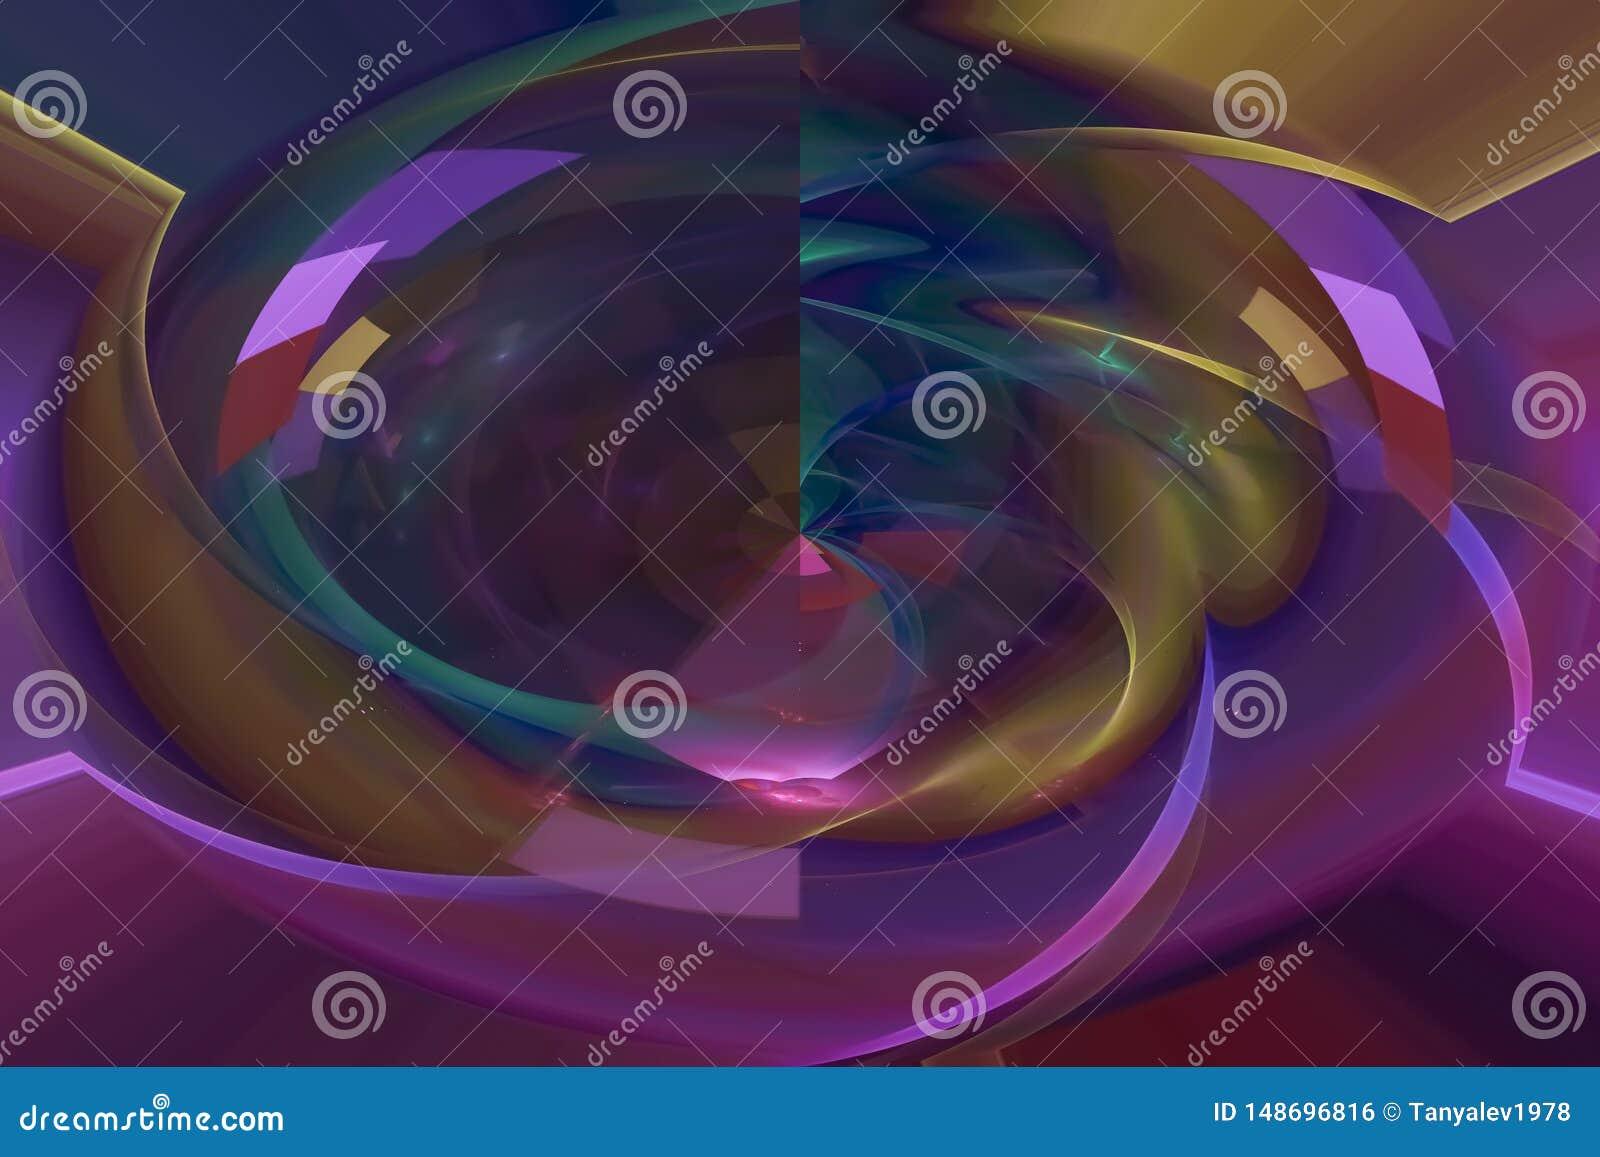 当前覆盖物未来派现代充满活力的分数维,空间,背景,能量,摘要,设计,例证